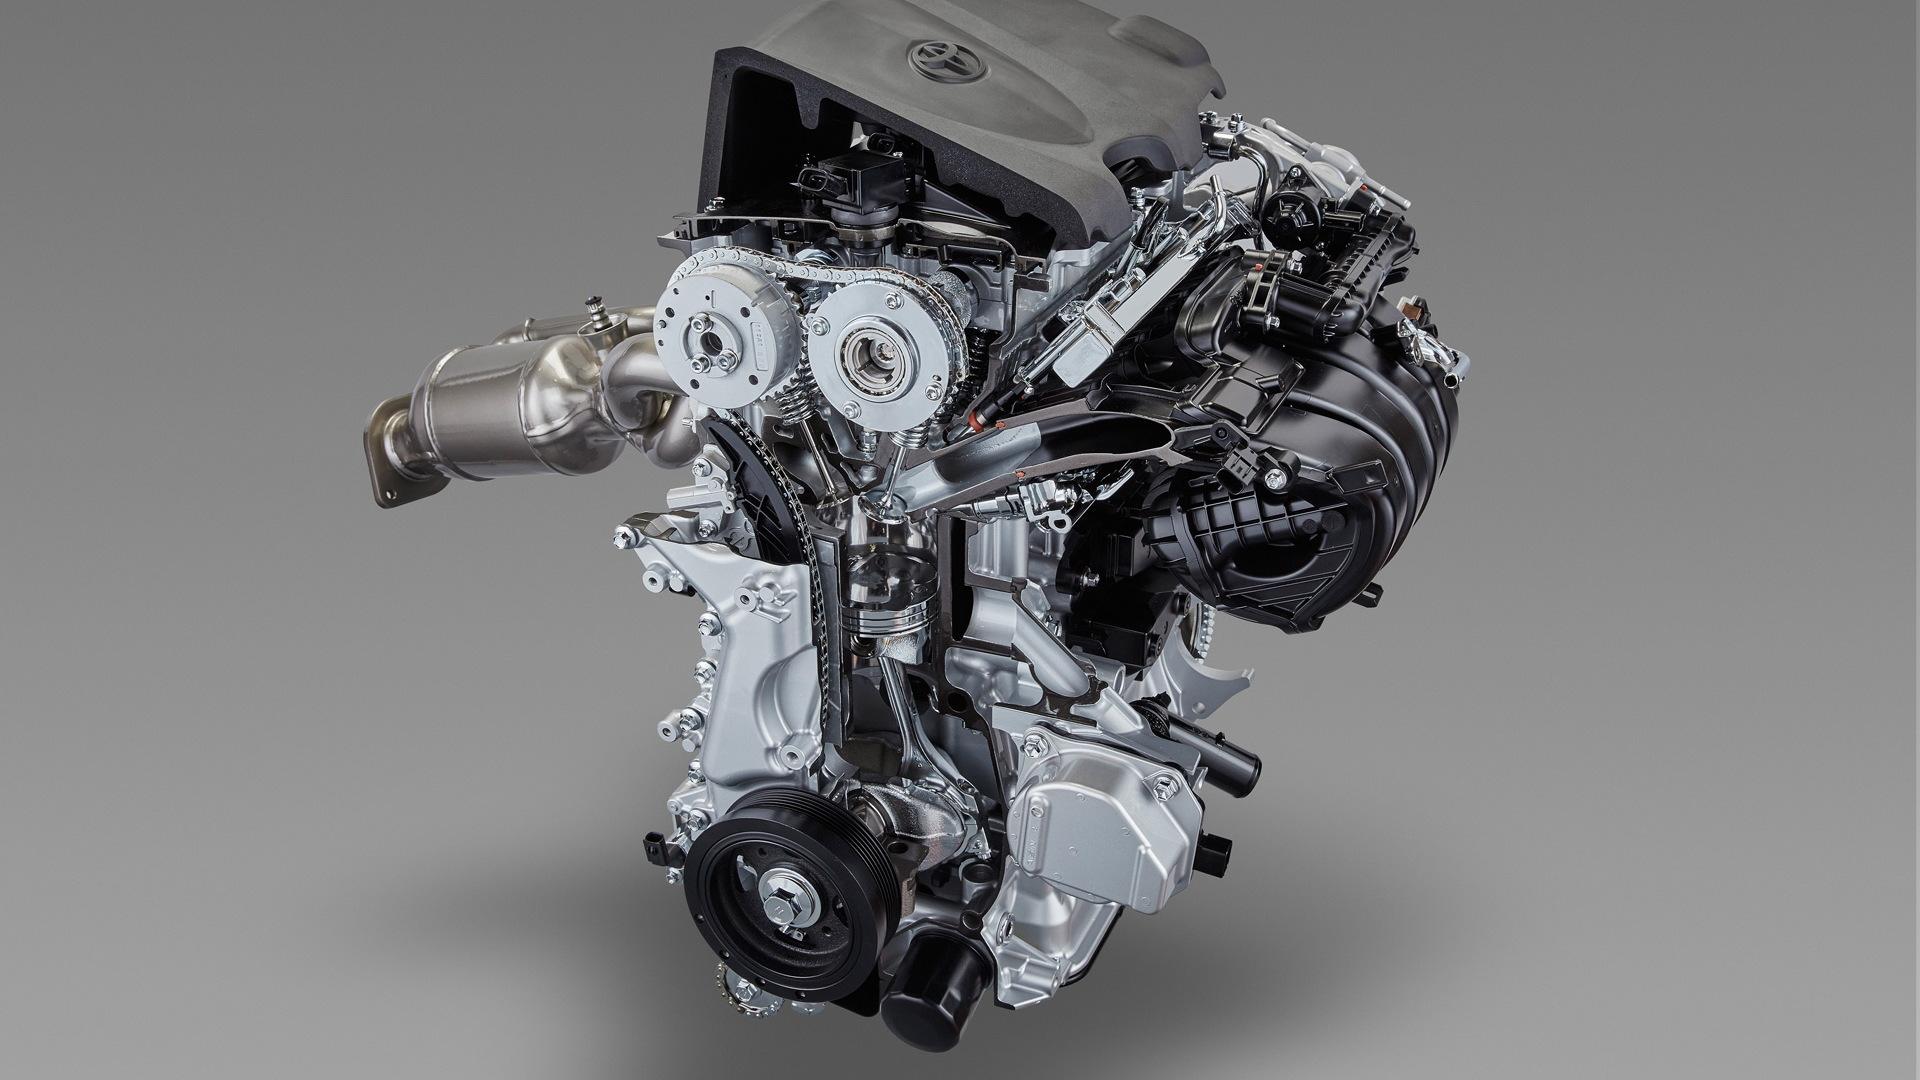 Toyota 2.5-liter inline-4